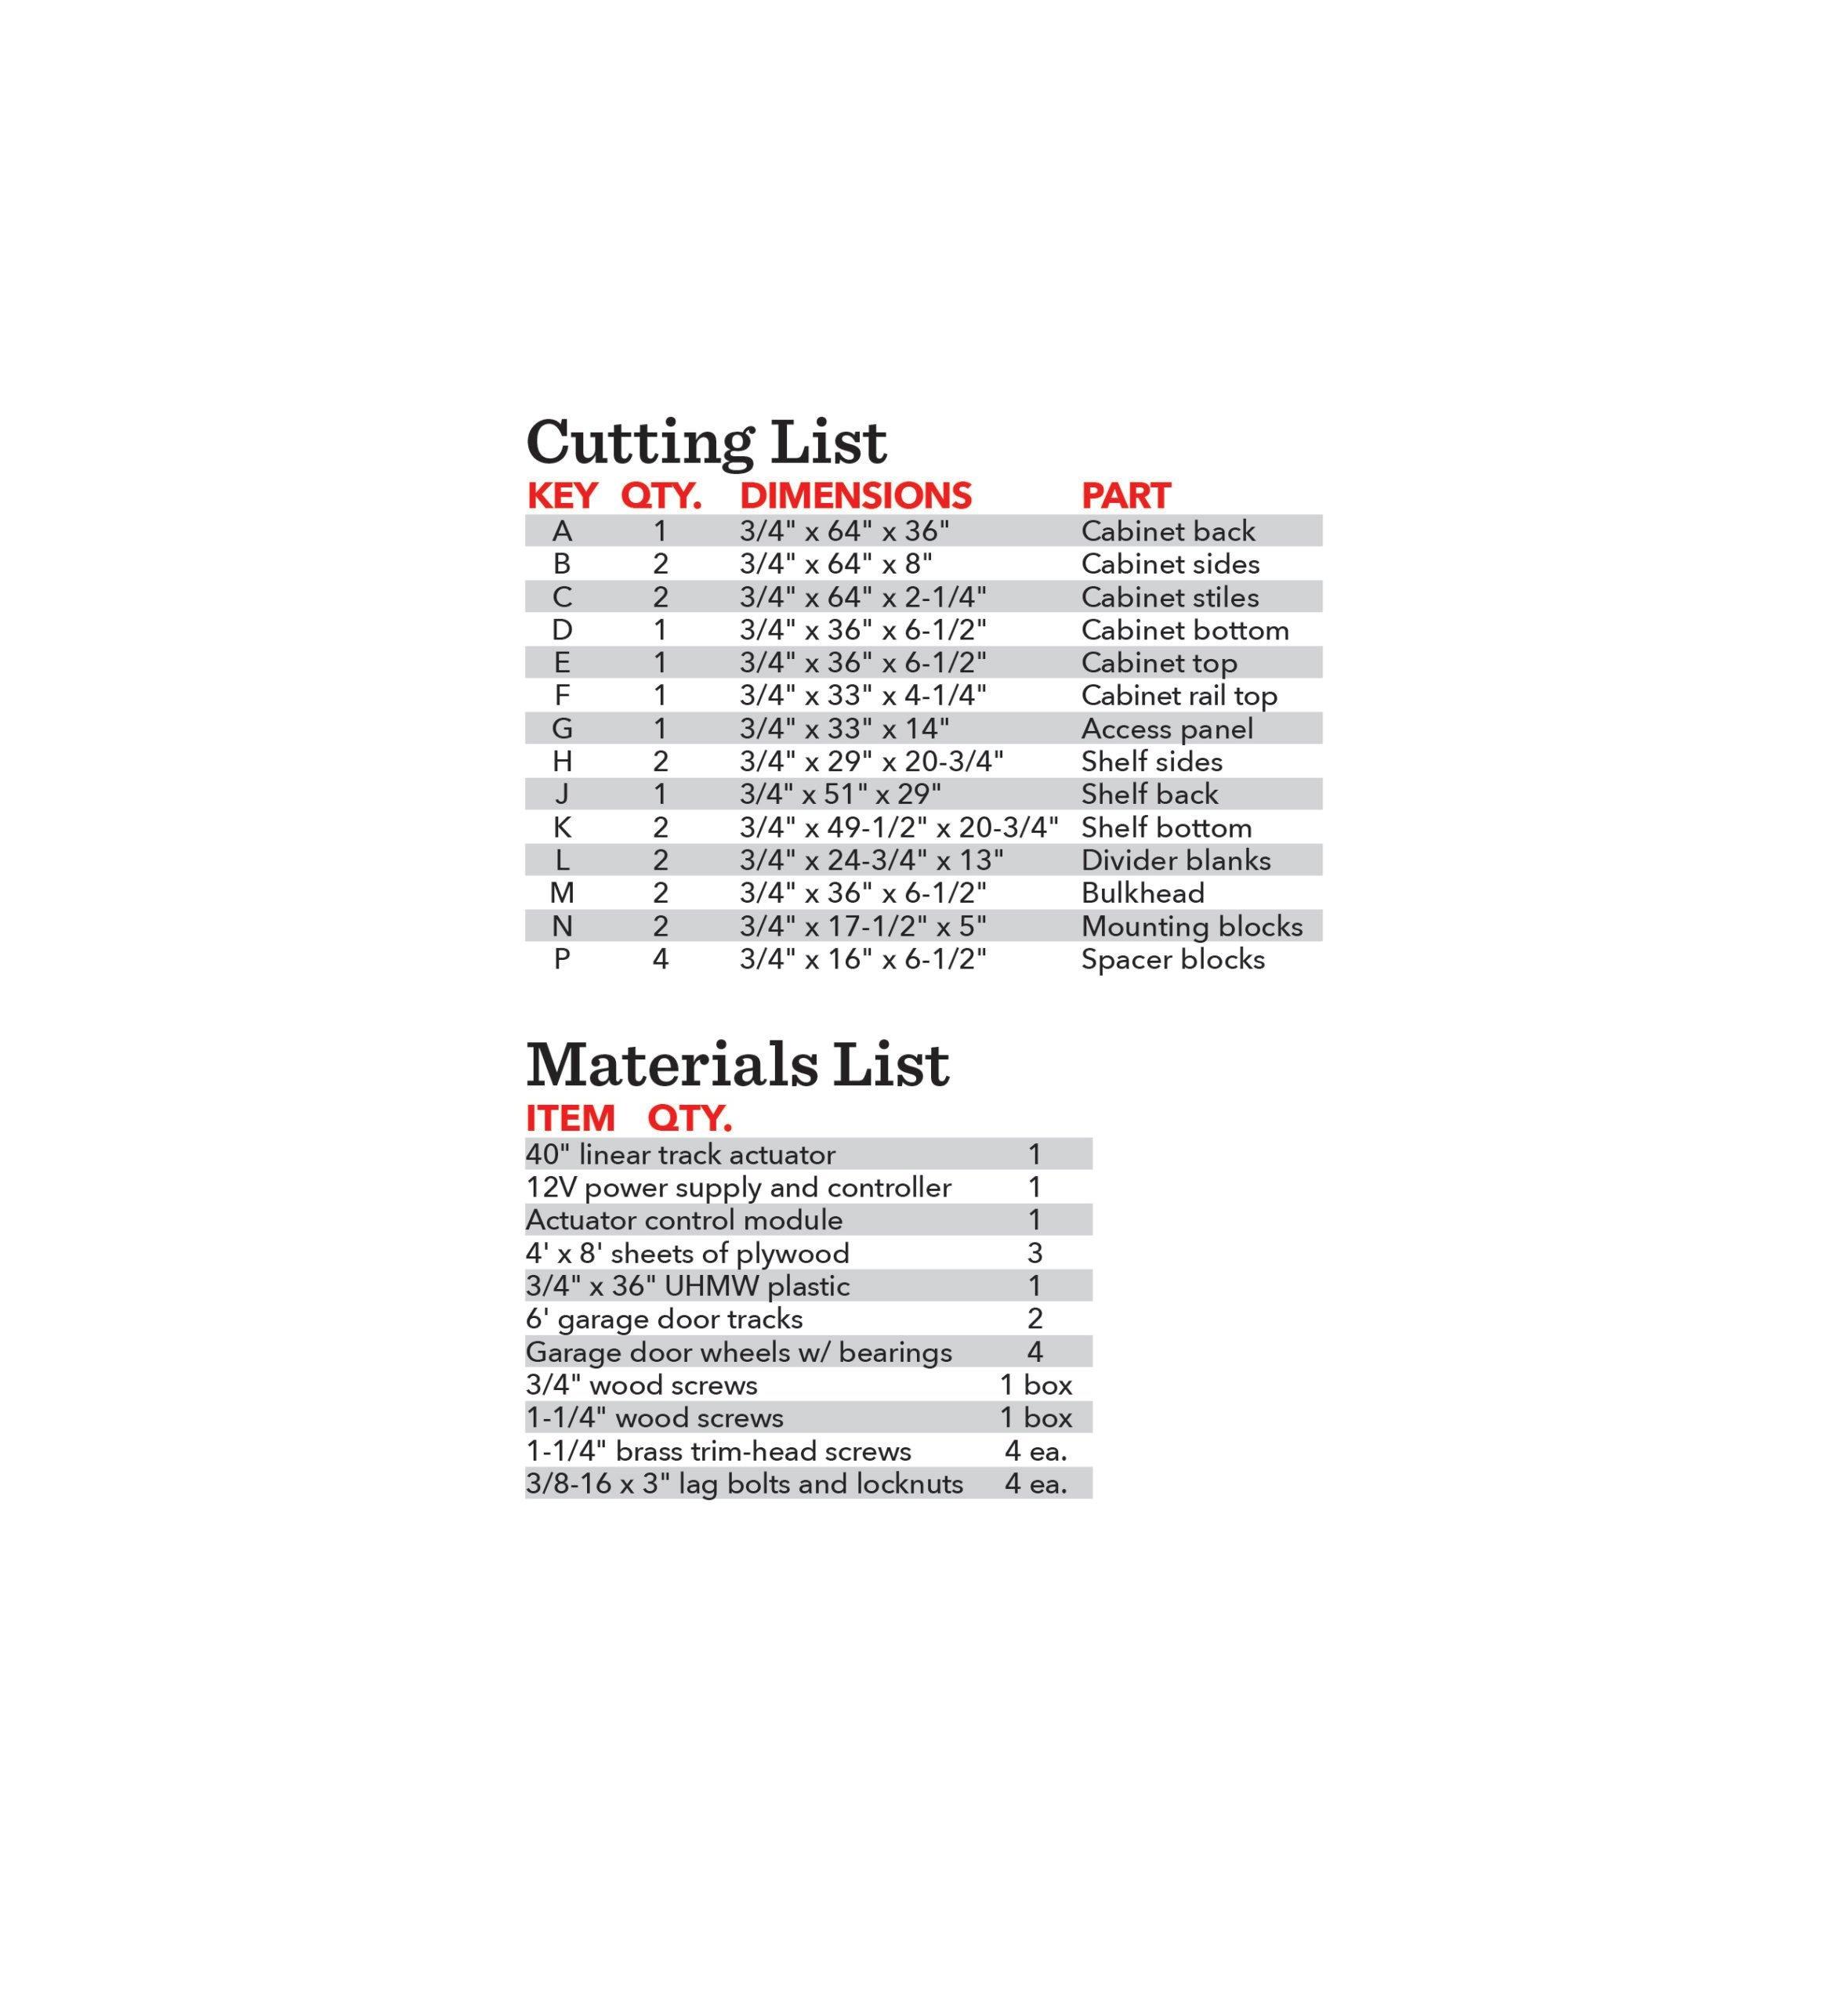 Cutting List